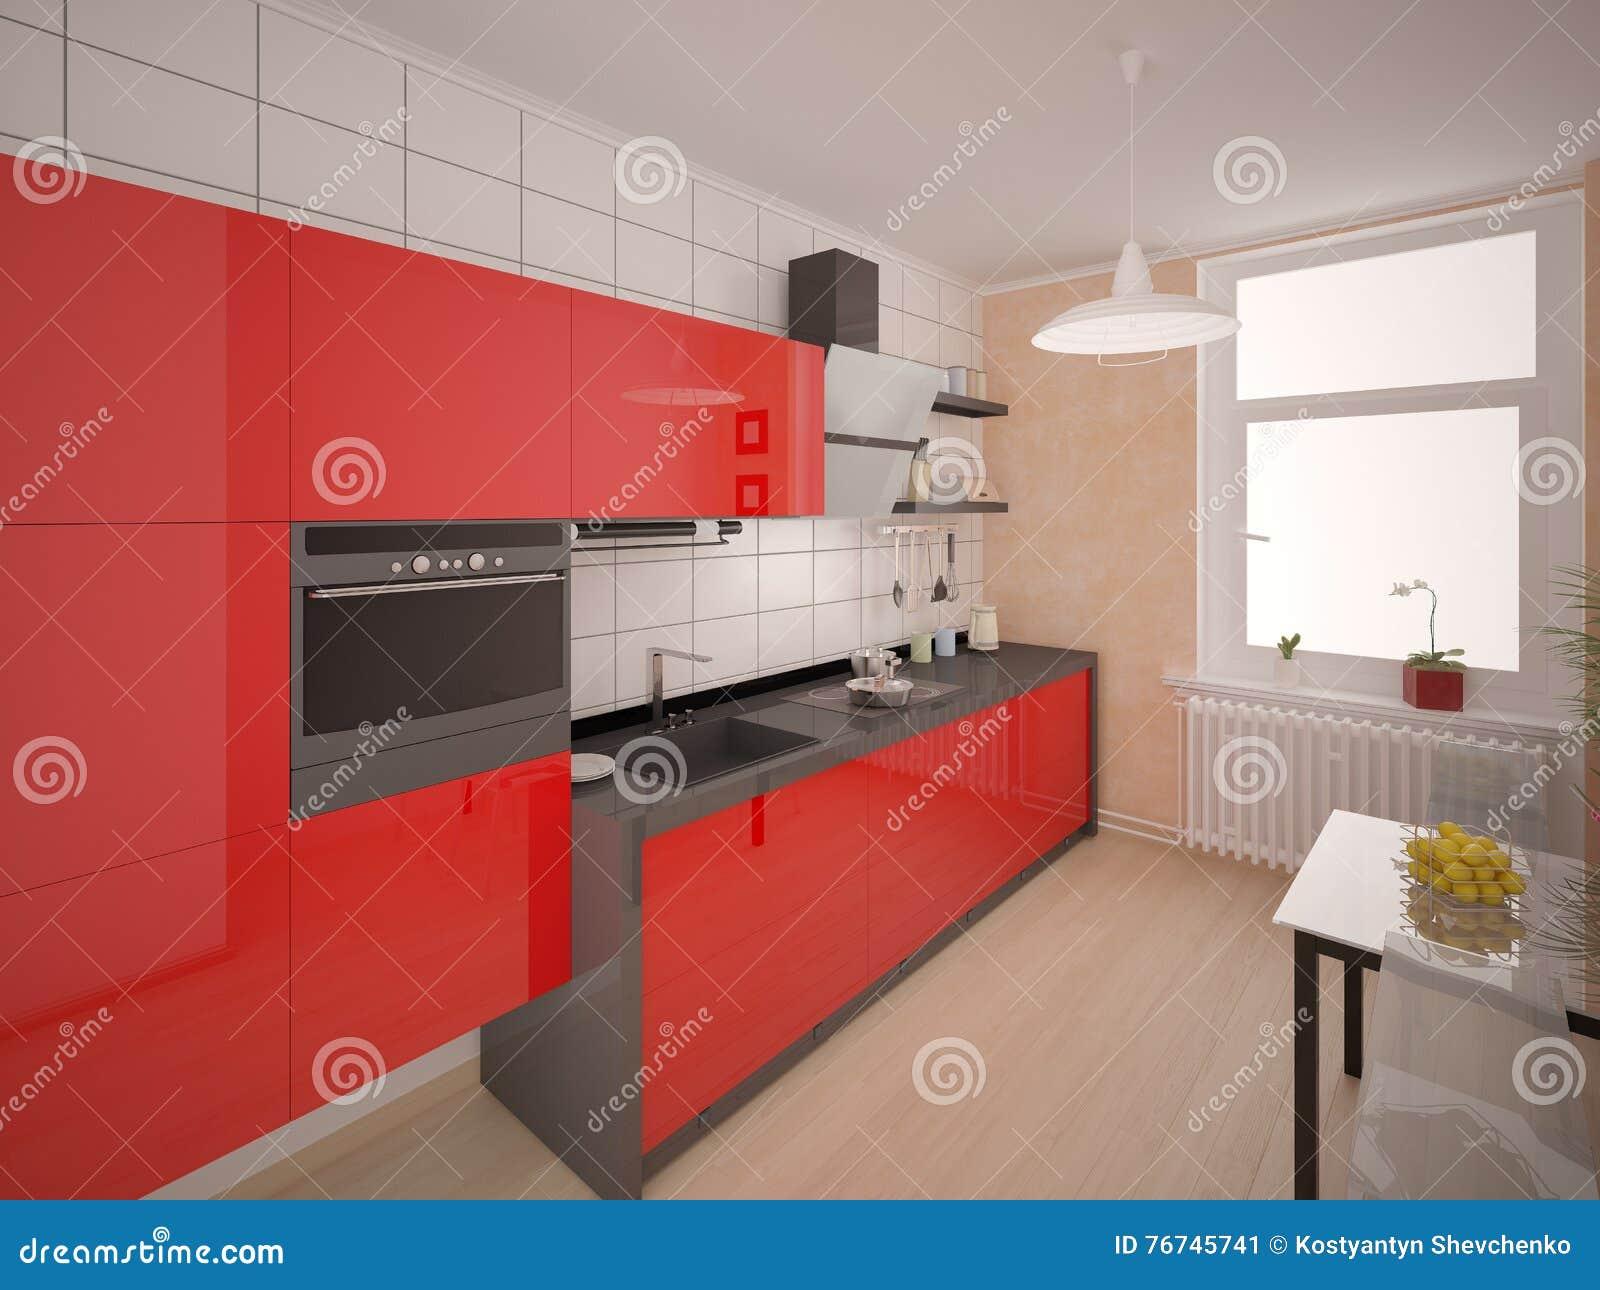 Cozinha Vermelha Moderna Compacta Ilustra O Stock Ilustra O De